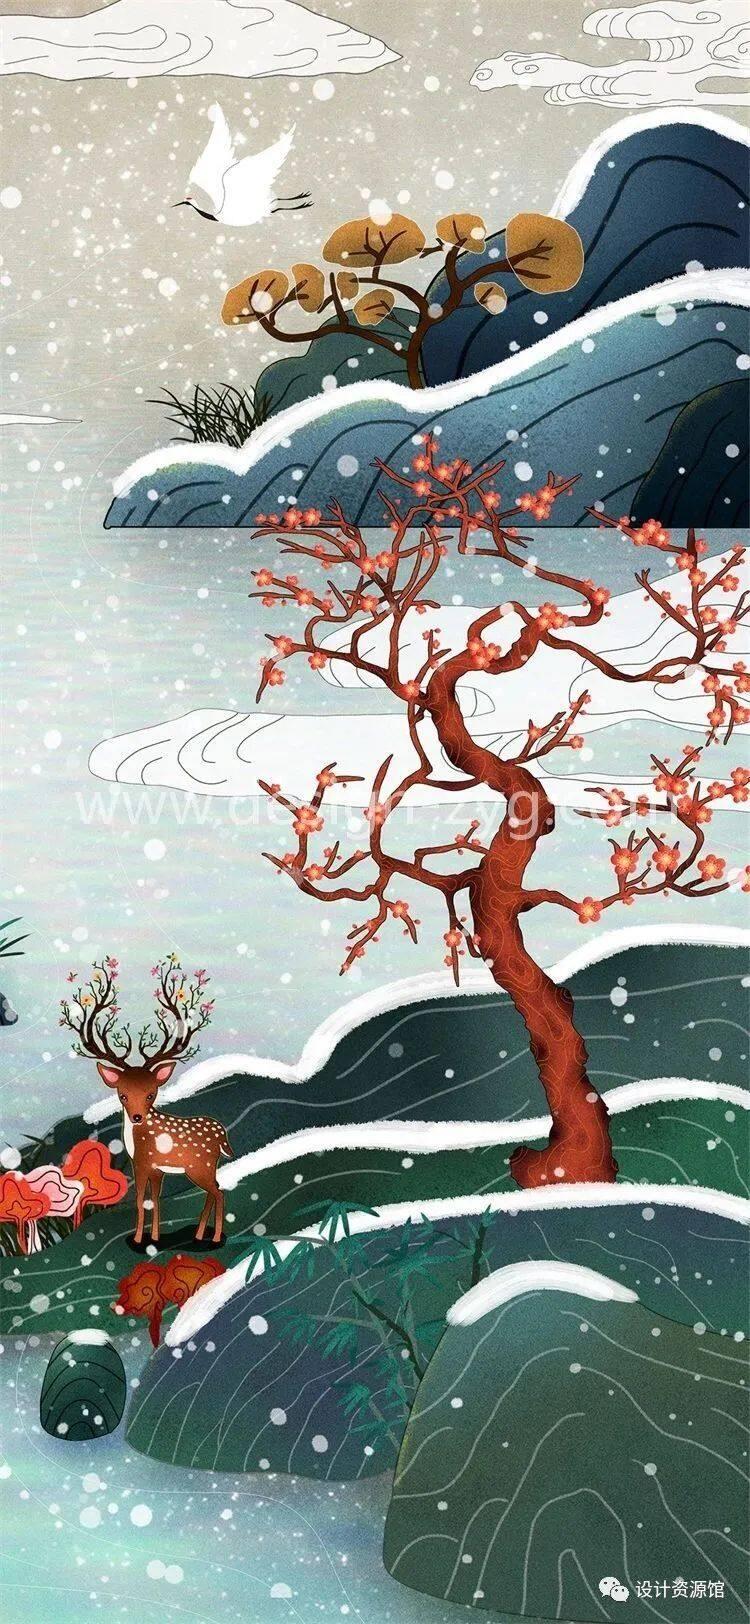 中国风合集 中国传统纹样锦集+中国风精美潮流插画+精美纸质纹理素材【712期】插图19